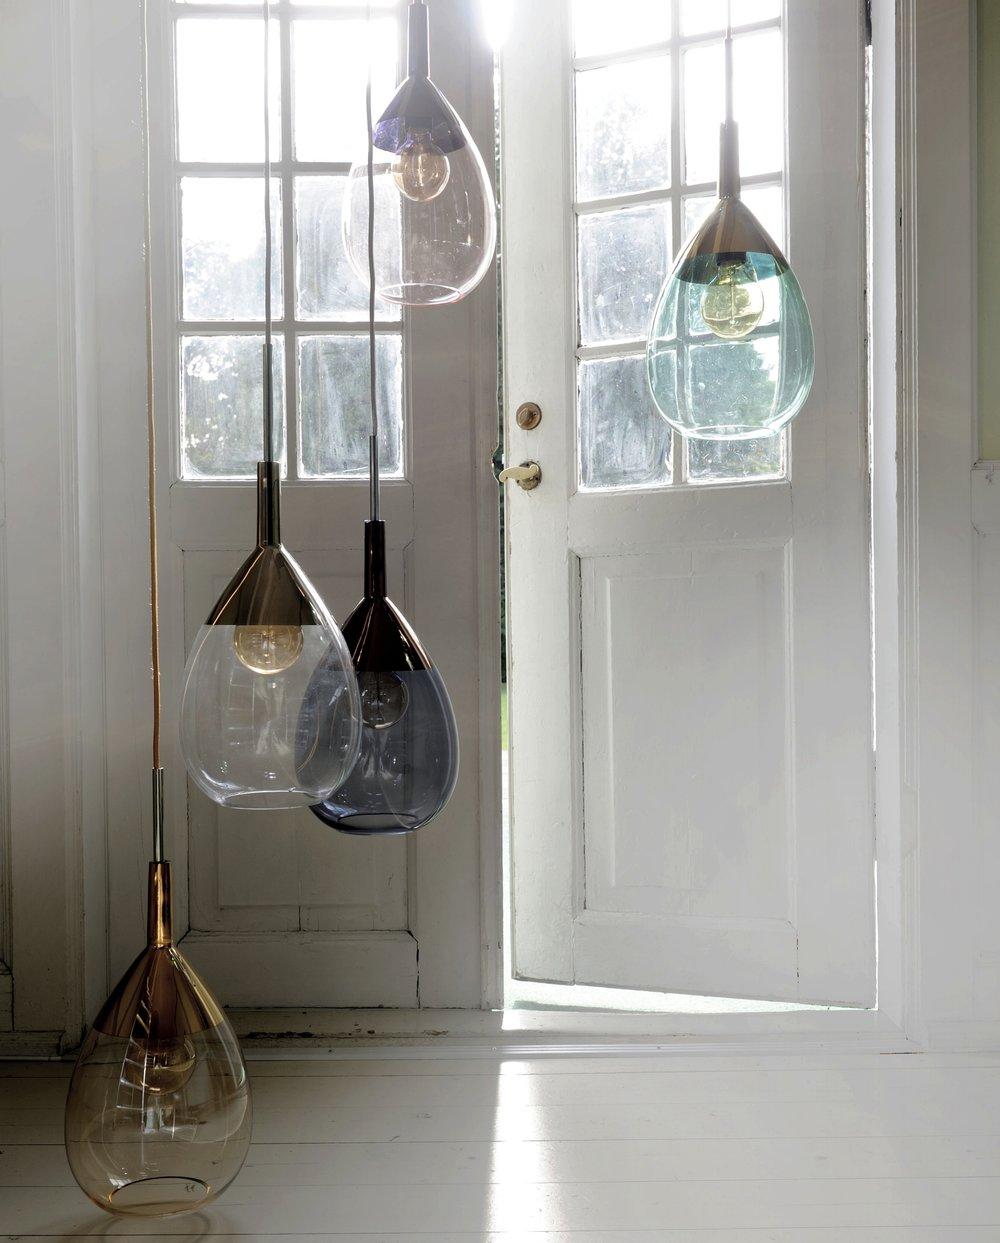 Lámparas de cristal en varios colores